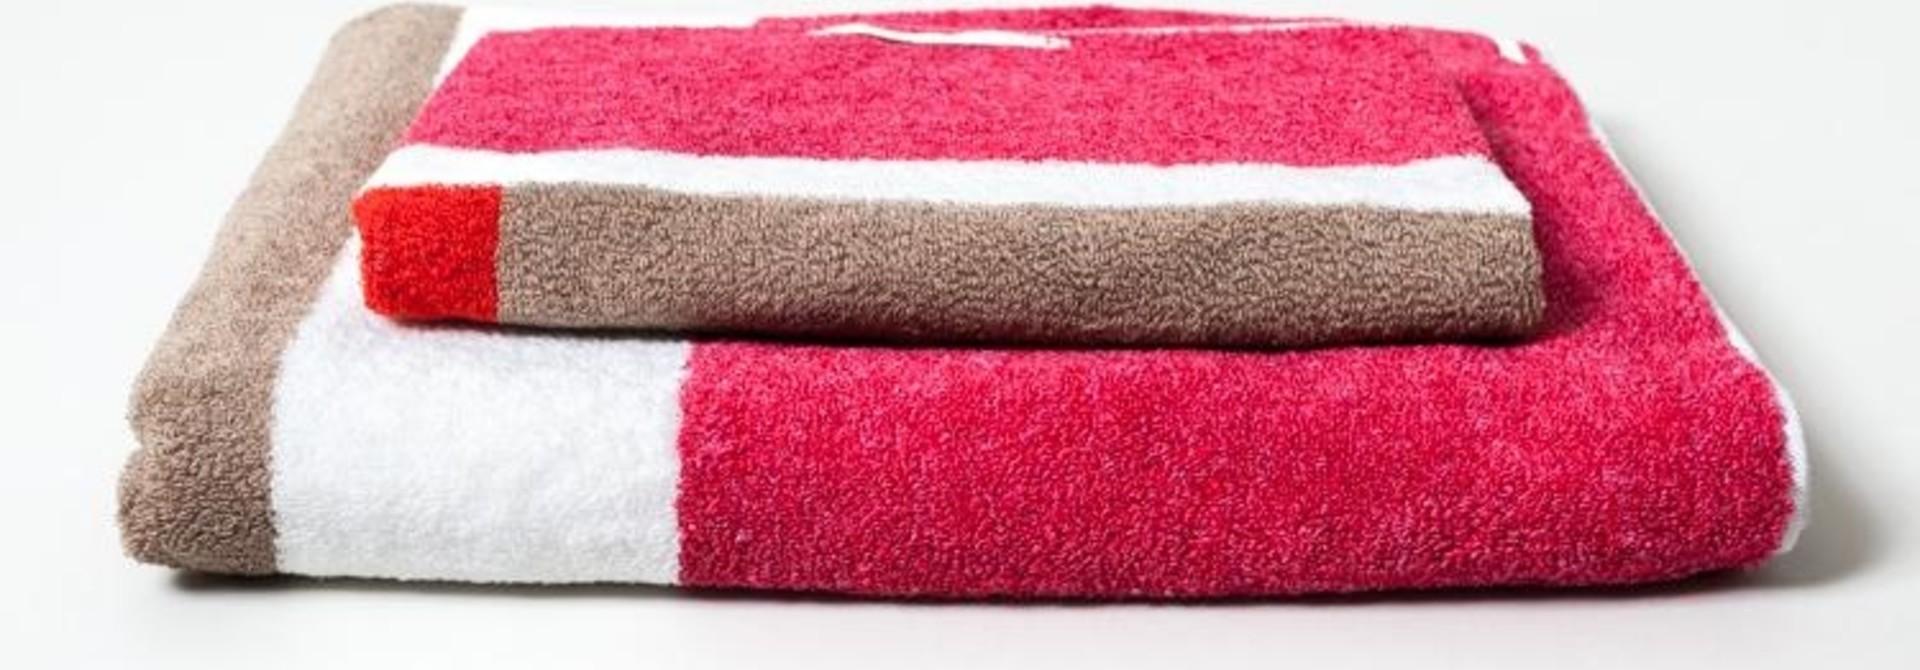 Hand Towel - Piet - Red